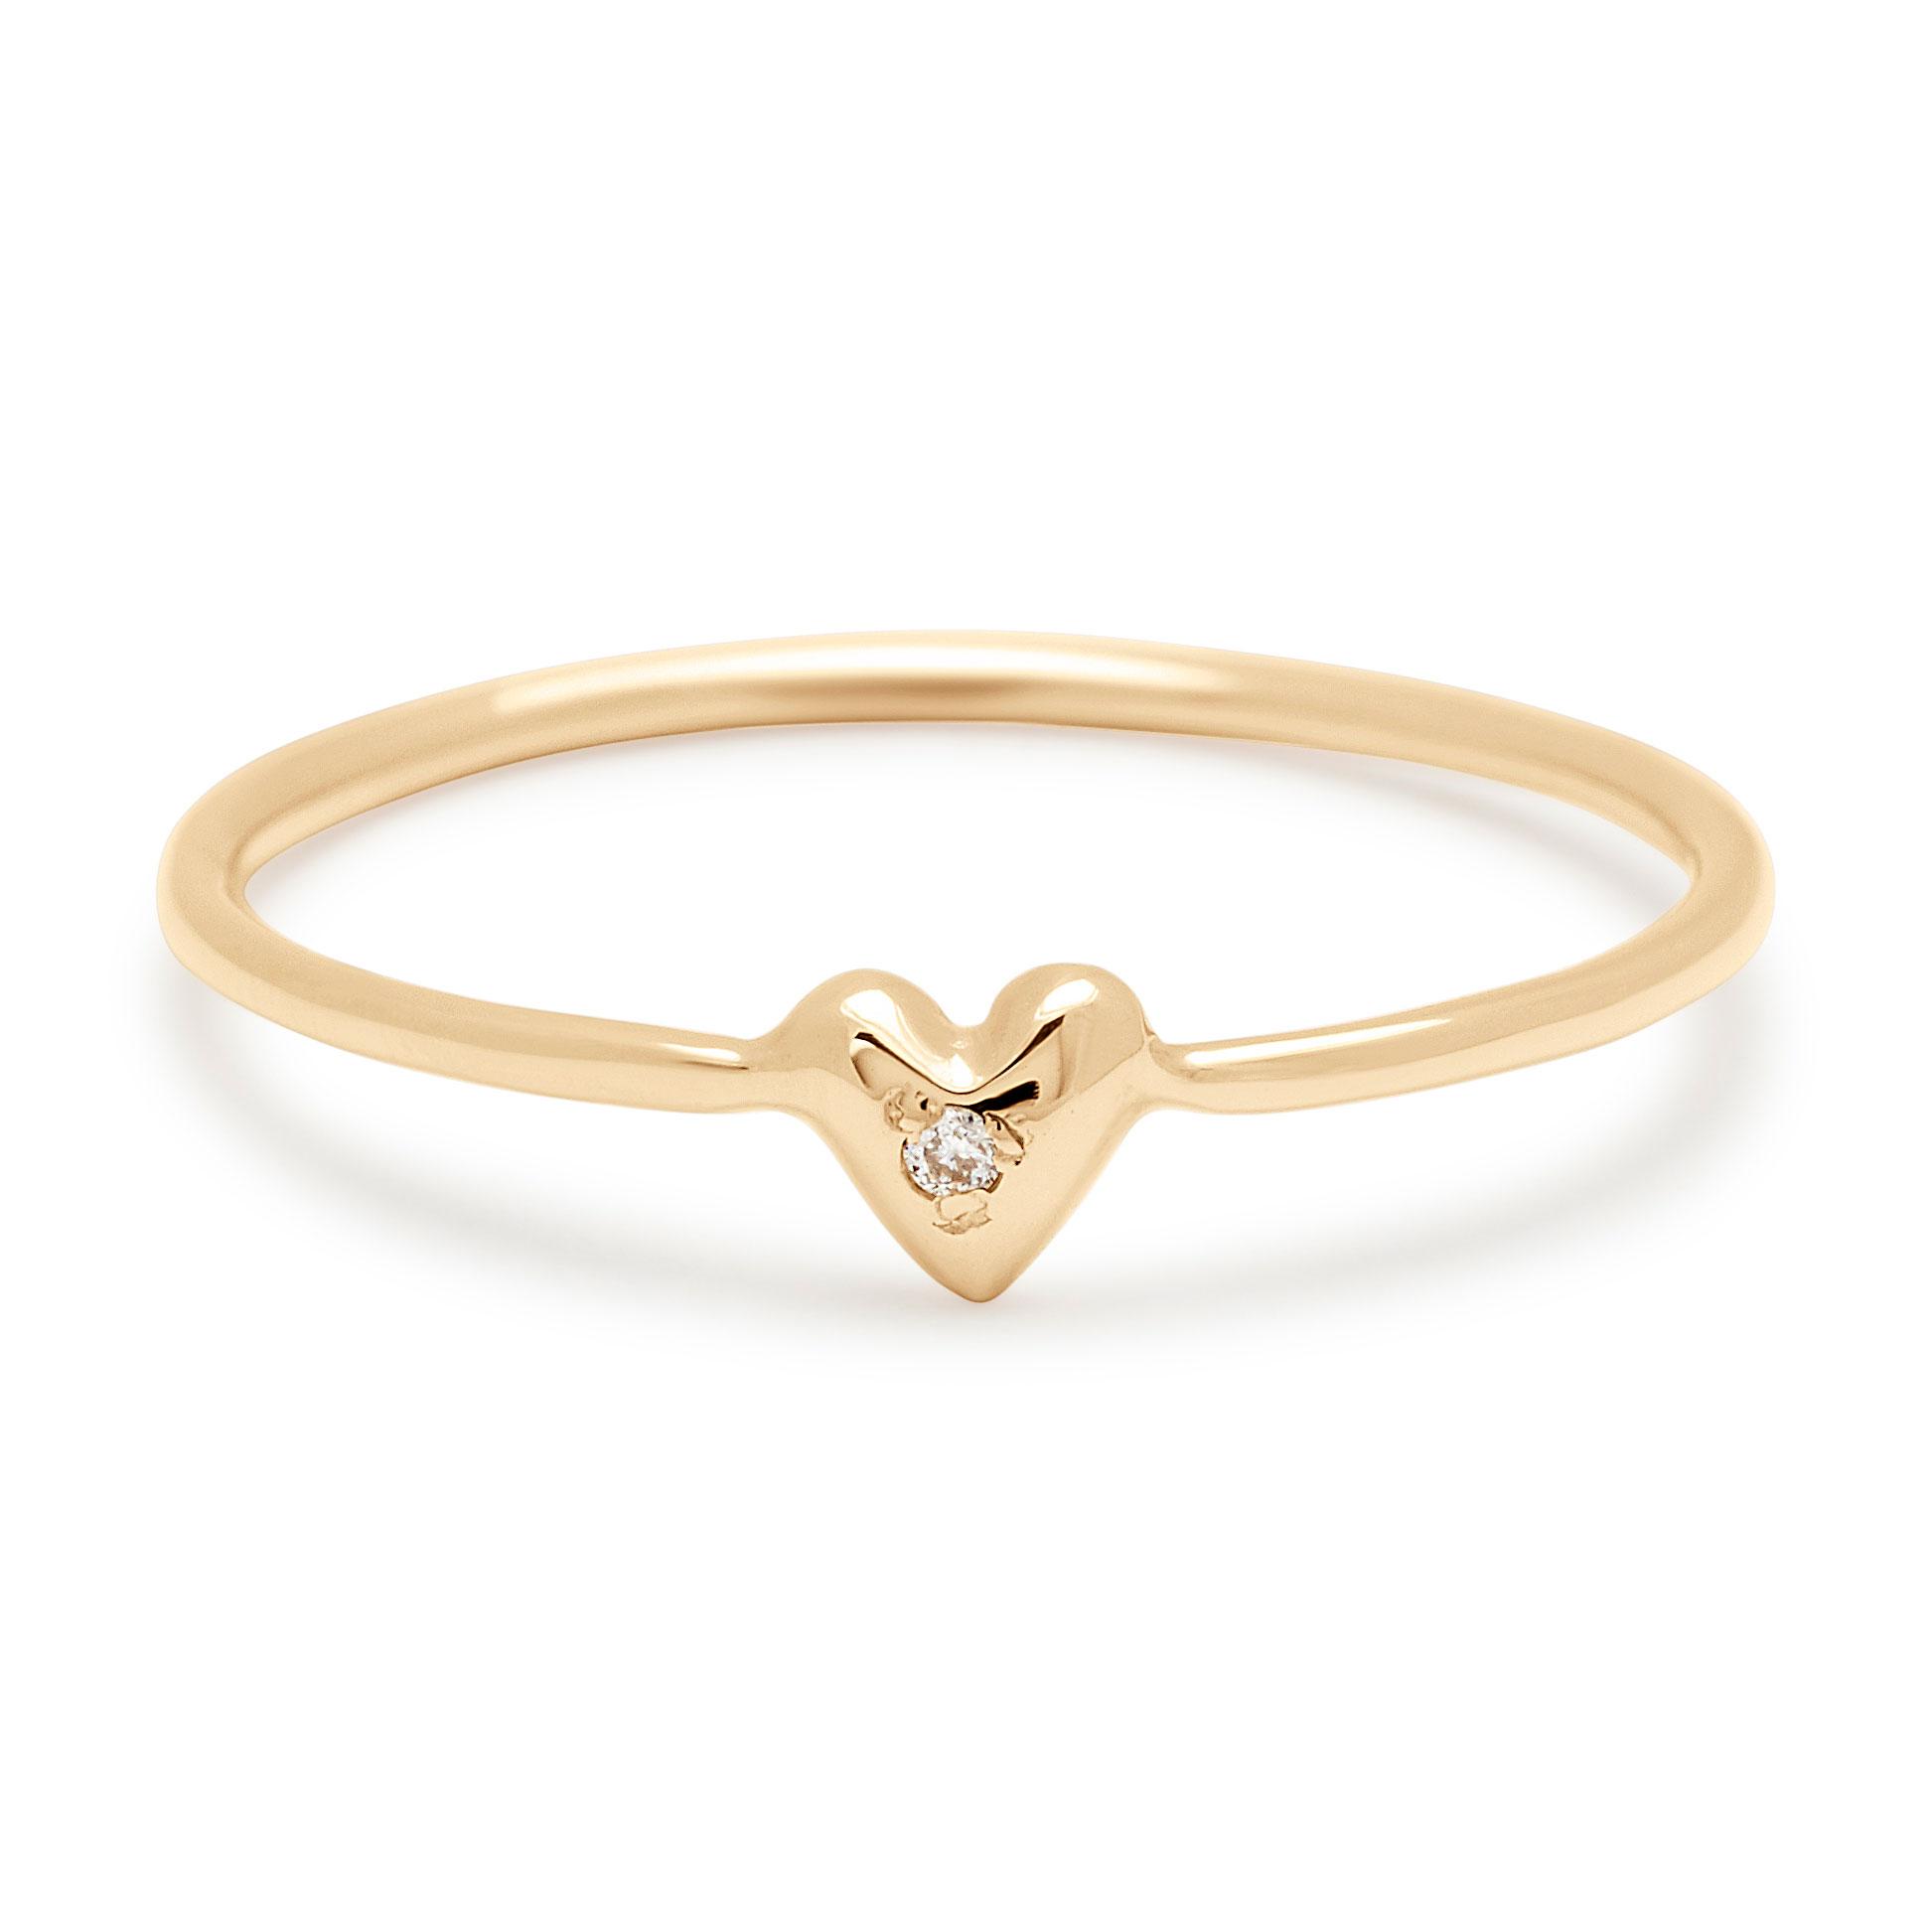 Teeny Tiny Heart Ring in 14k Yellow Gold